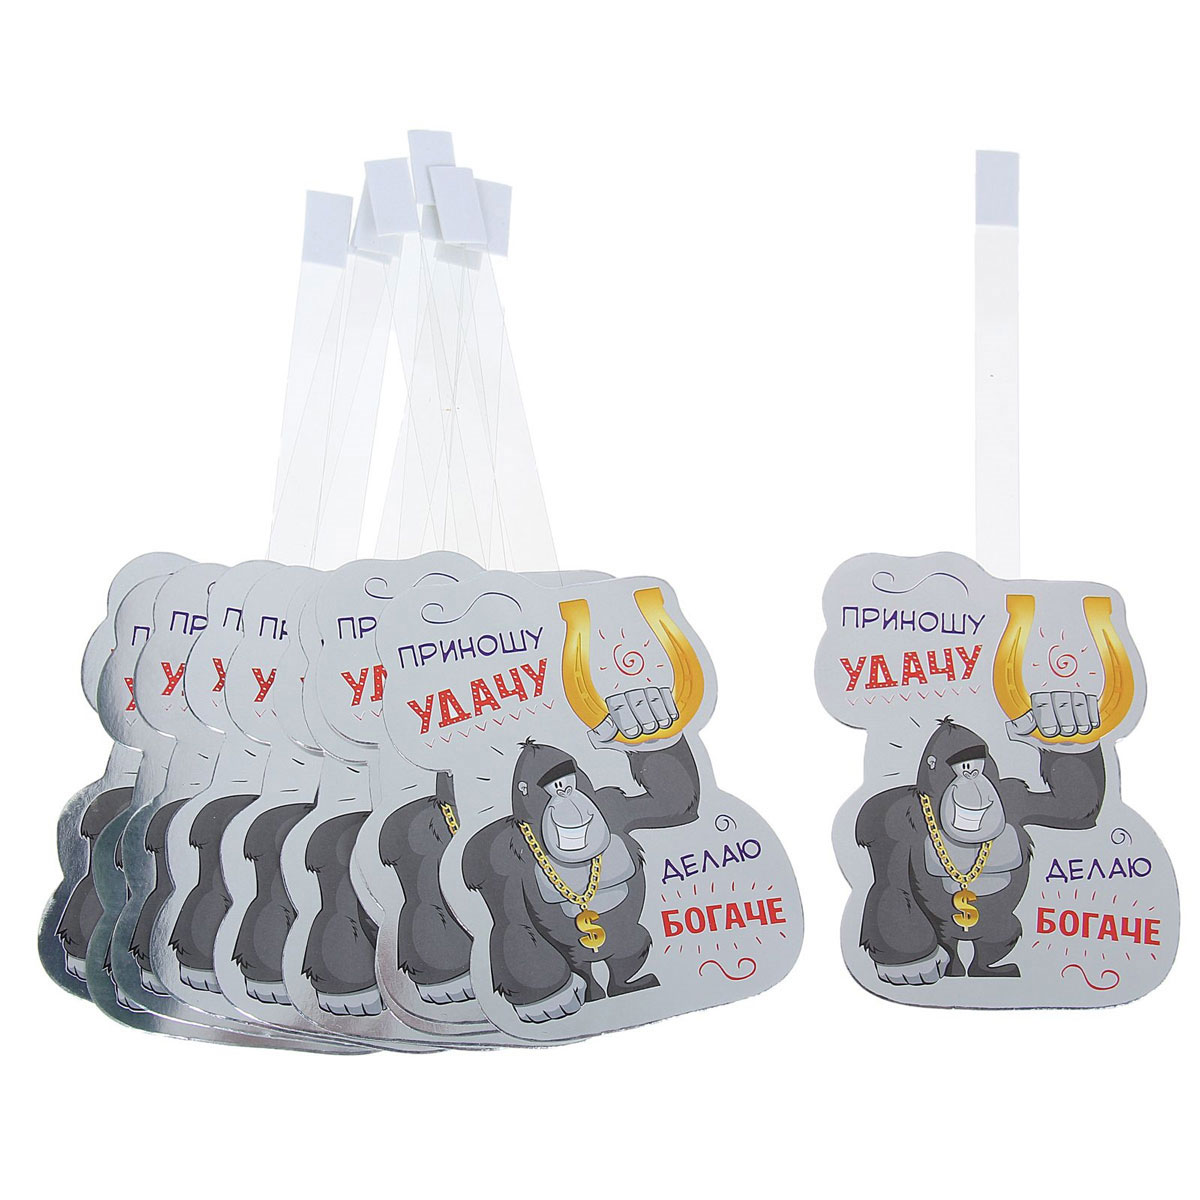 """Набор Sima-land """"Приношу удачу"""" состоит из 10 праздничных воблеров, выполненных из картона. Изделия декорированы изображением забавной гориллы, держащей в лапе золотую подкову. Воблеры оснащены пластиковыми ножками, с помощью которых они приклеиваются на 2-сторонний скотч к необходимому вам месту.Воблер - абсолютная новинка в авторском дизайне. Они станут чудесным украшением рабочего стола и книжной полки, а также легко поднимут настроение вашим гостям, если вы аккуратно поместите их над дверным звонком.Создайте в своем доме атмосферу веселья и радости с помощью волшебного декора дома и в офисе, развесьте удивительные воблеры!Размер воблера: 8 см х 10,5 см.Длина ножки воблера: 14 см."""